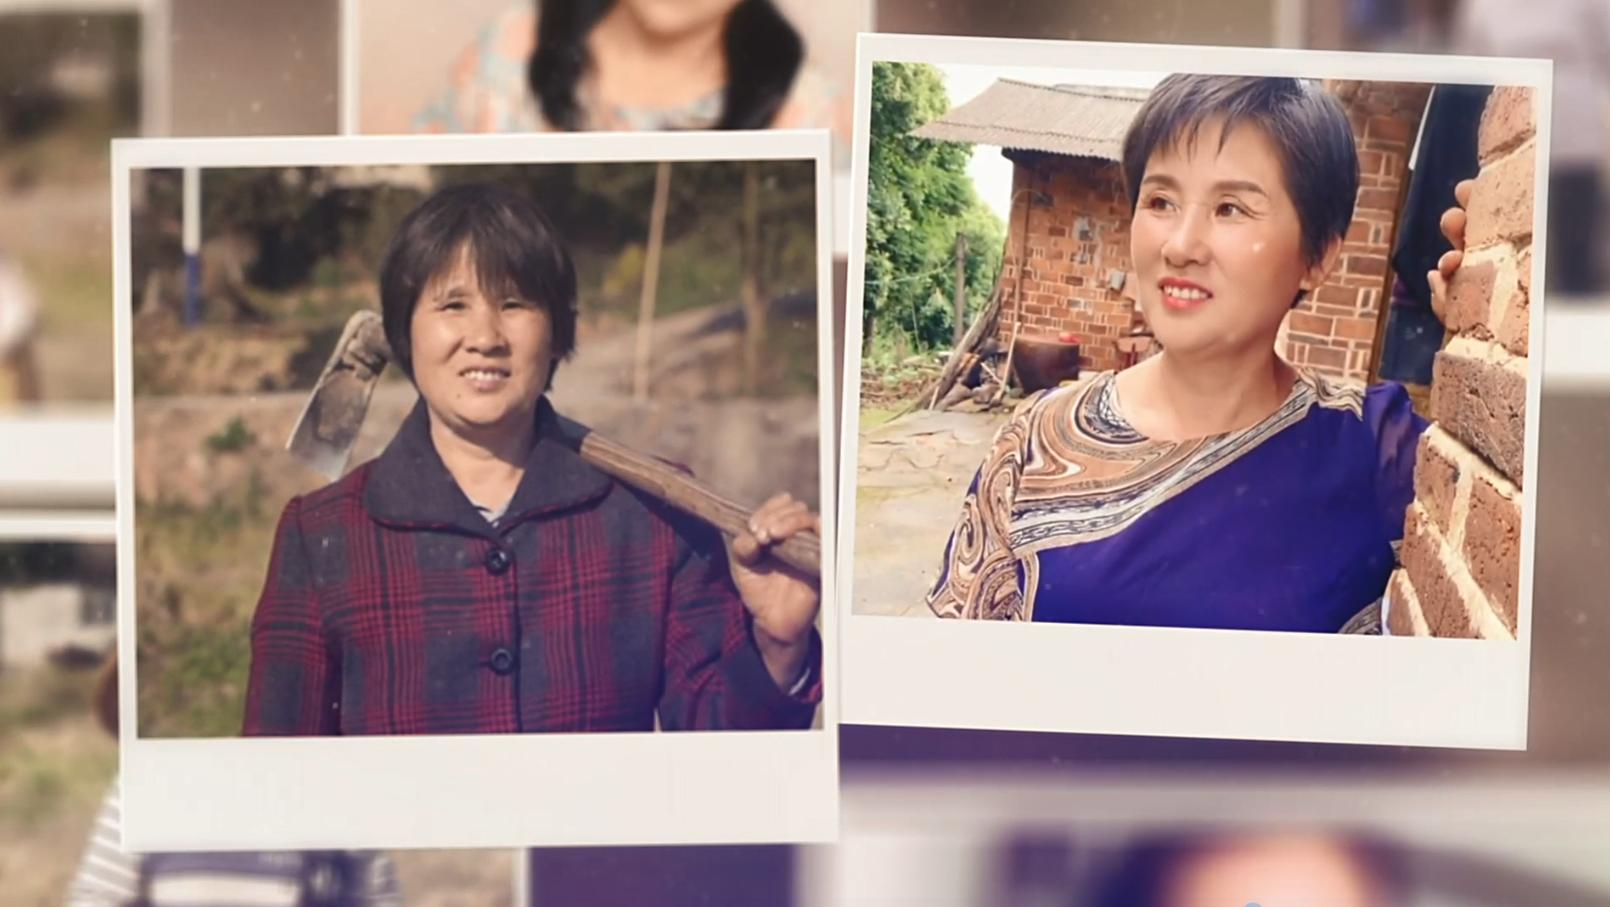 惊艳!玉人化装师收费为20位村落子主妇化装,变妆先后让人泪目:美女视频服务